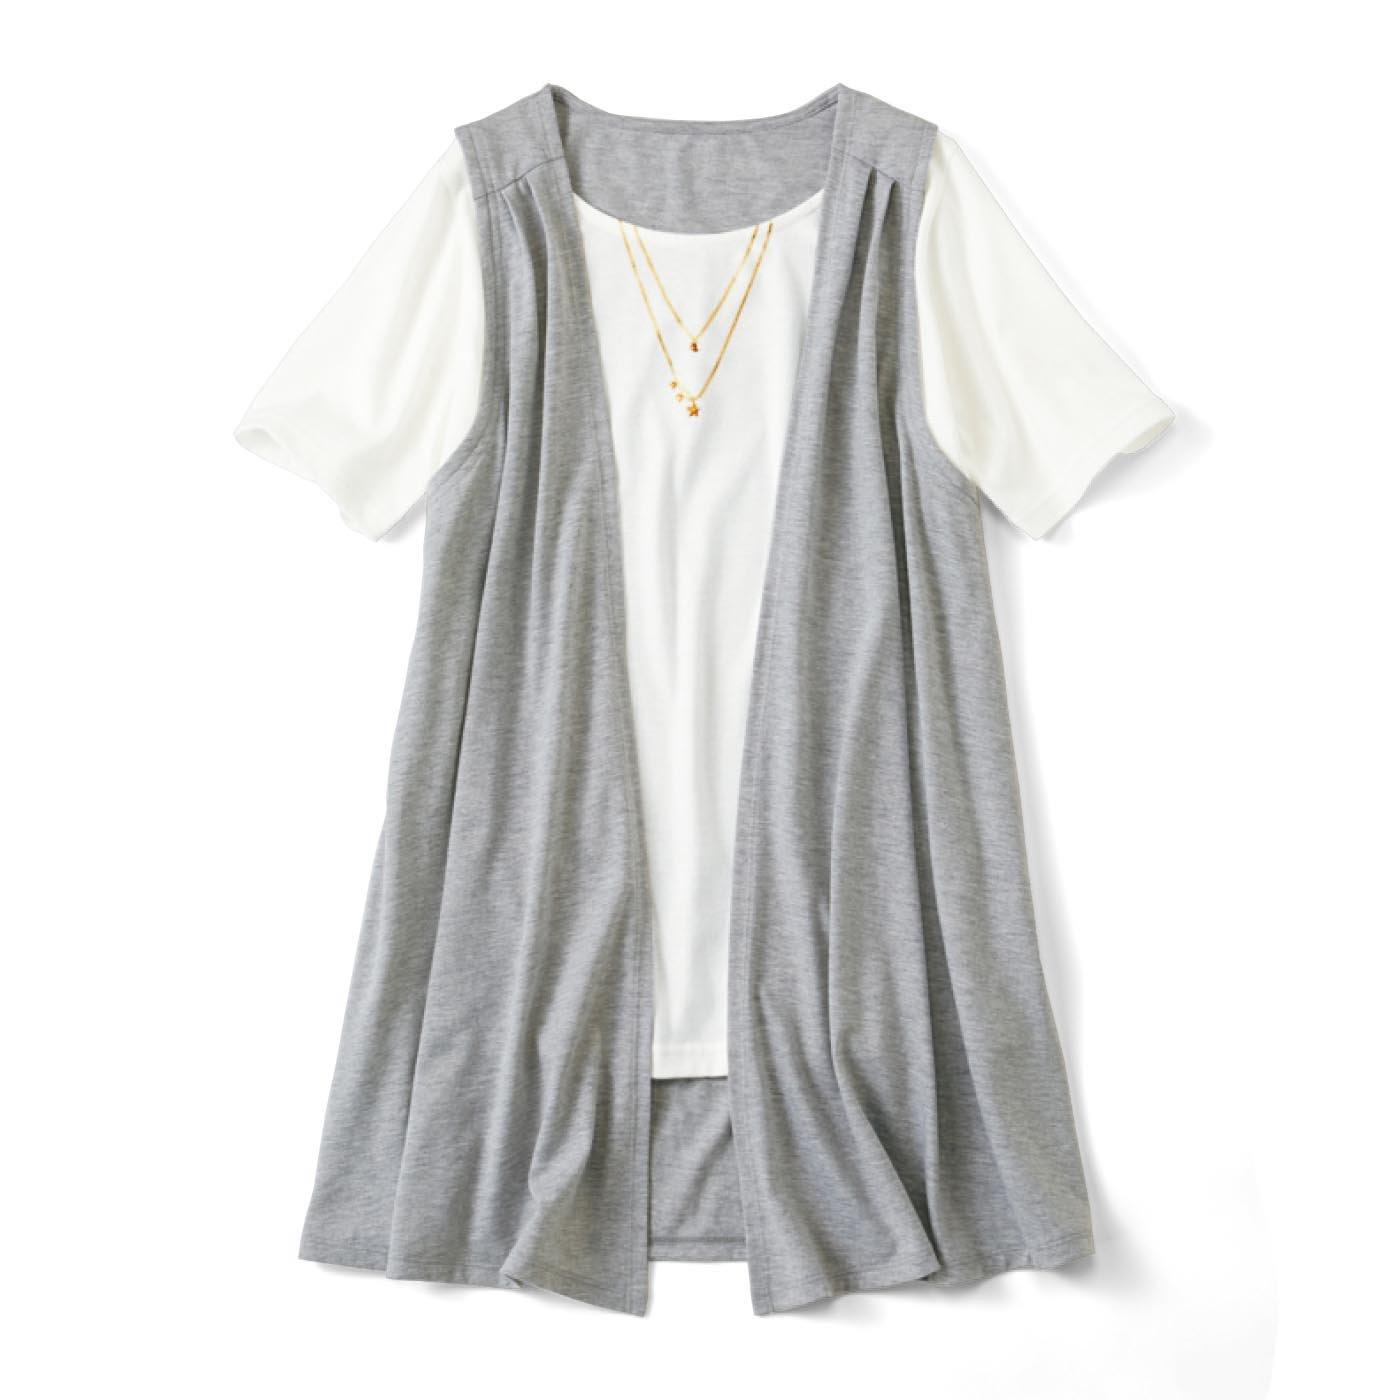 リブ イン コンフォート 体形カバーと着映えはおまかせ カシュクールにもなる ジレドッキングTシャツ〈杢グレー〉